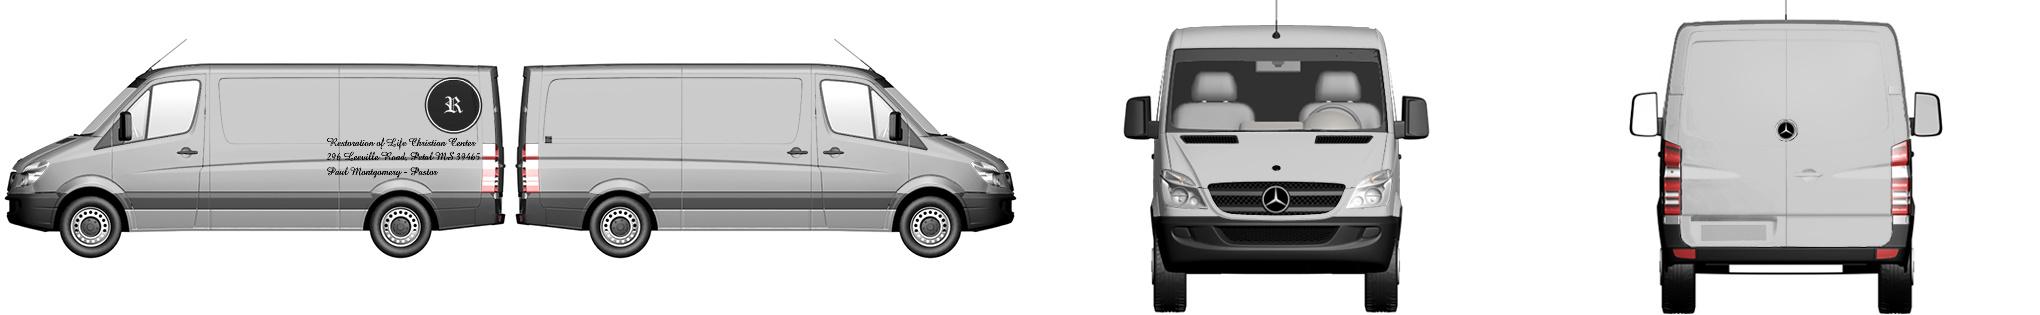 Van Wrap #51598